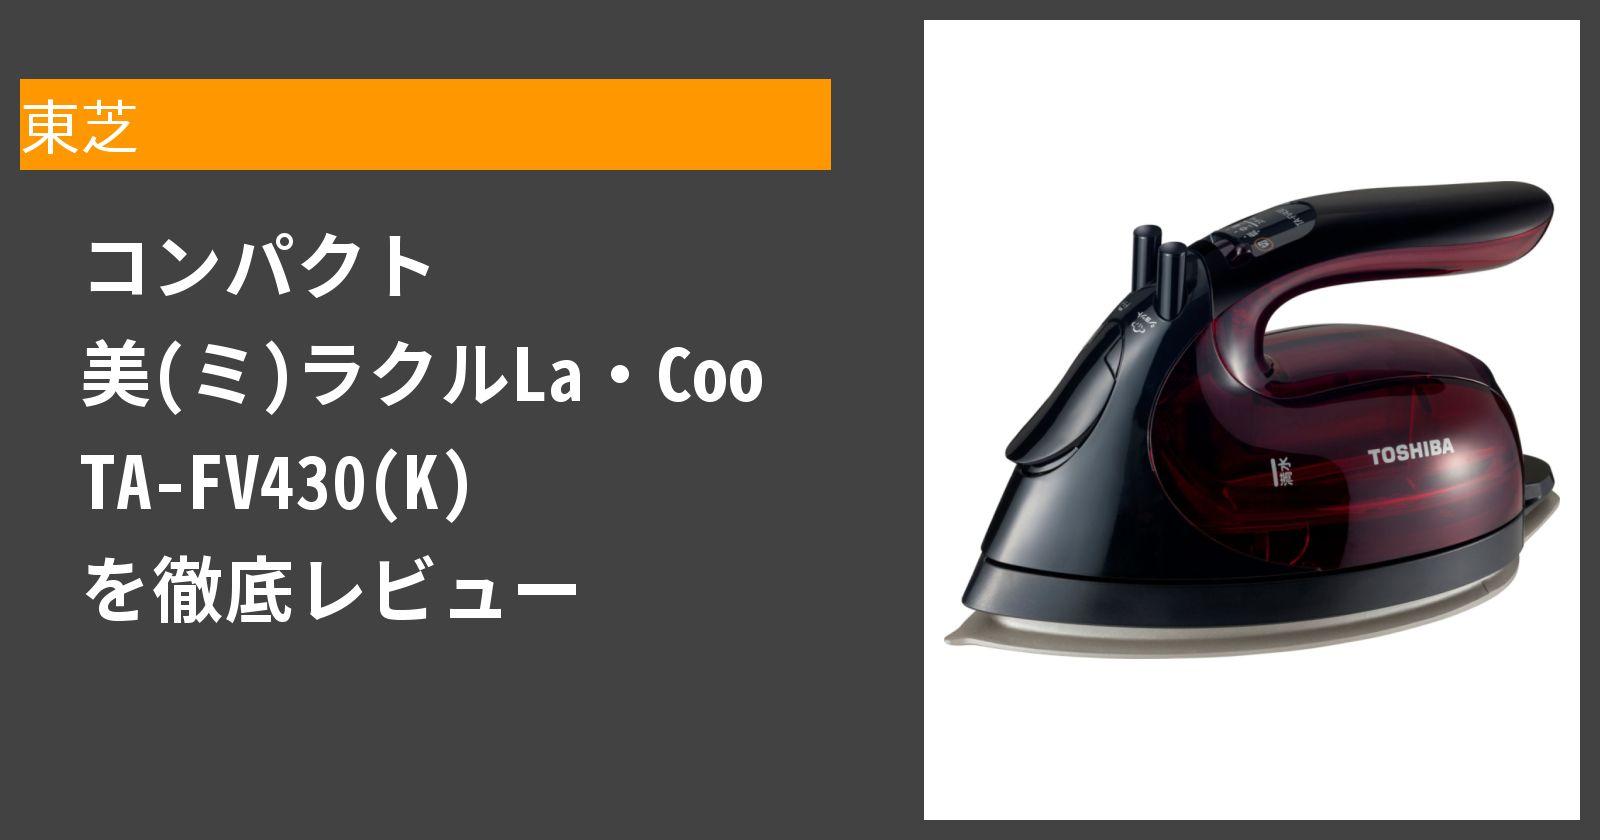 コンパクト 美(ミ)ラクルLa・Coo TA-FV430(K)を徹底評価